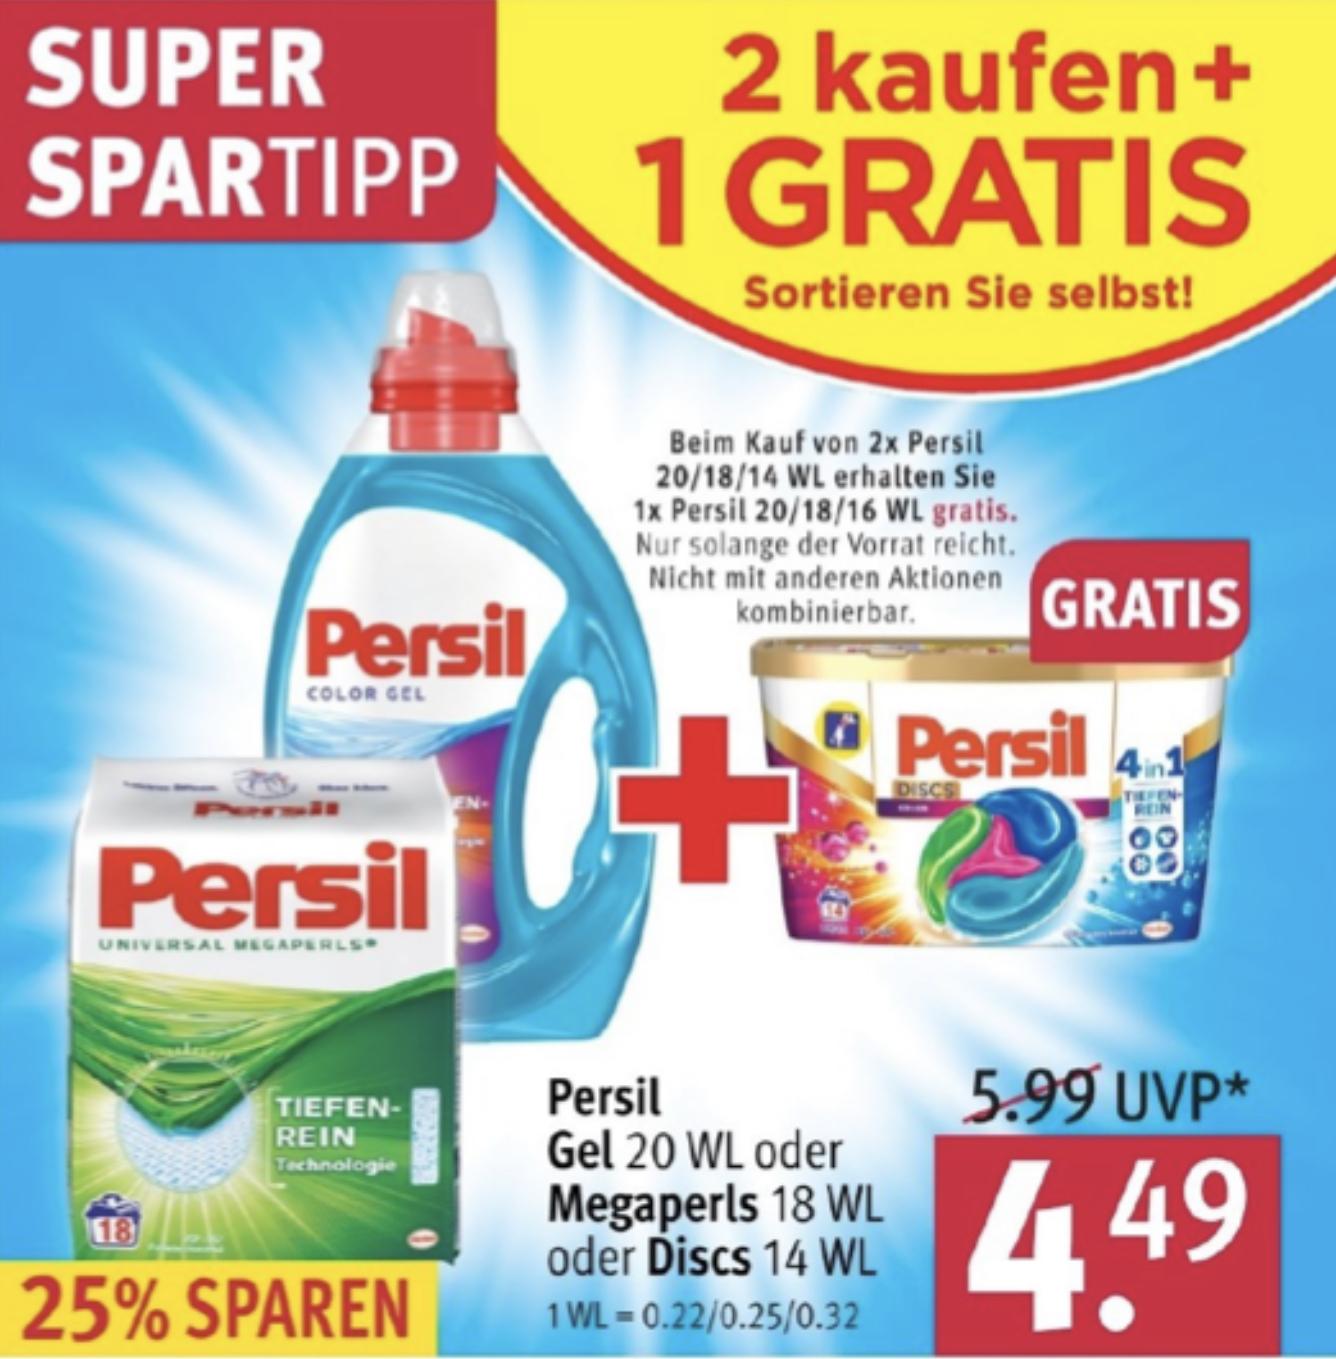 2,69€ je Packung! - 3 Packungen PERSIL Megaperls, Gel o. Discs für 8,08€ - ab 15.07.